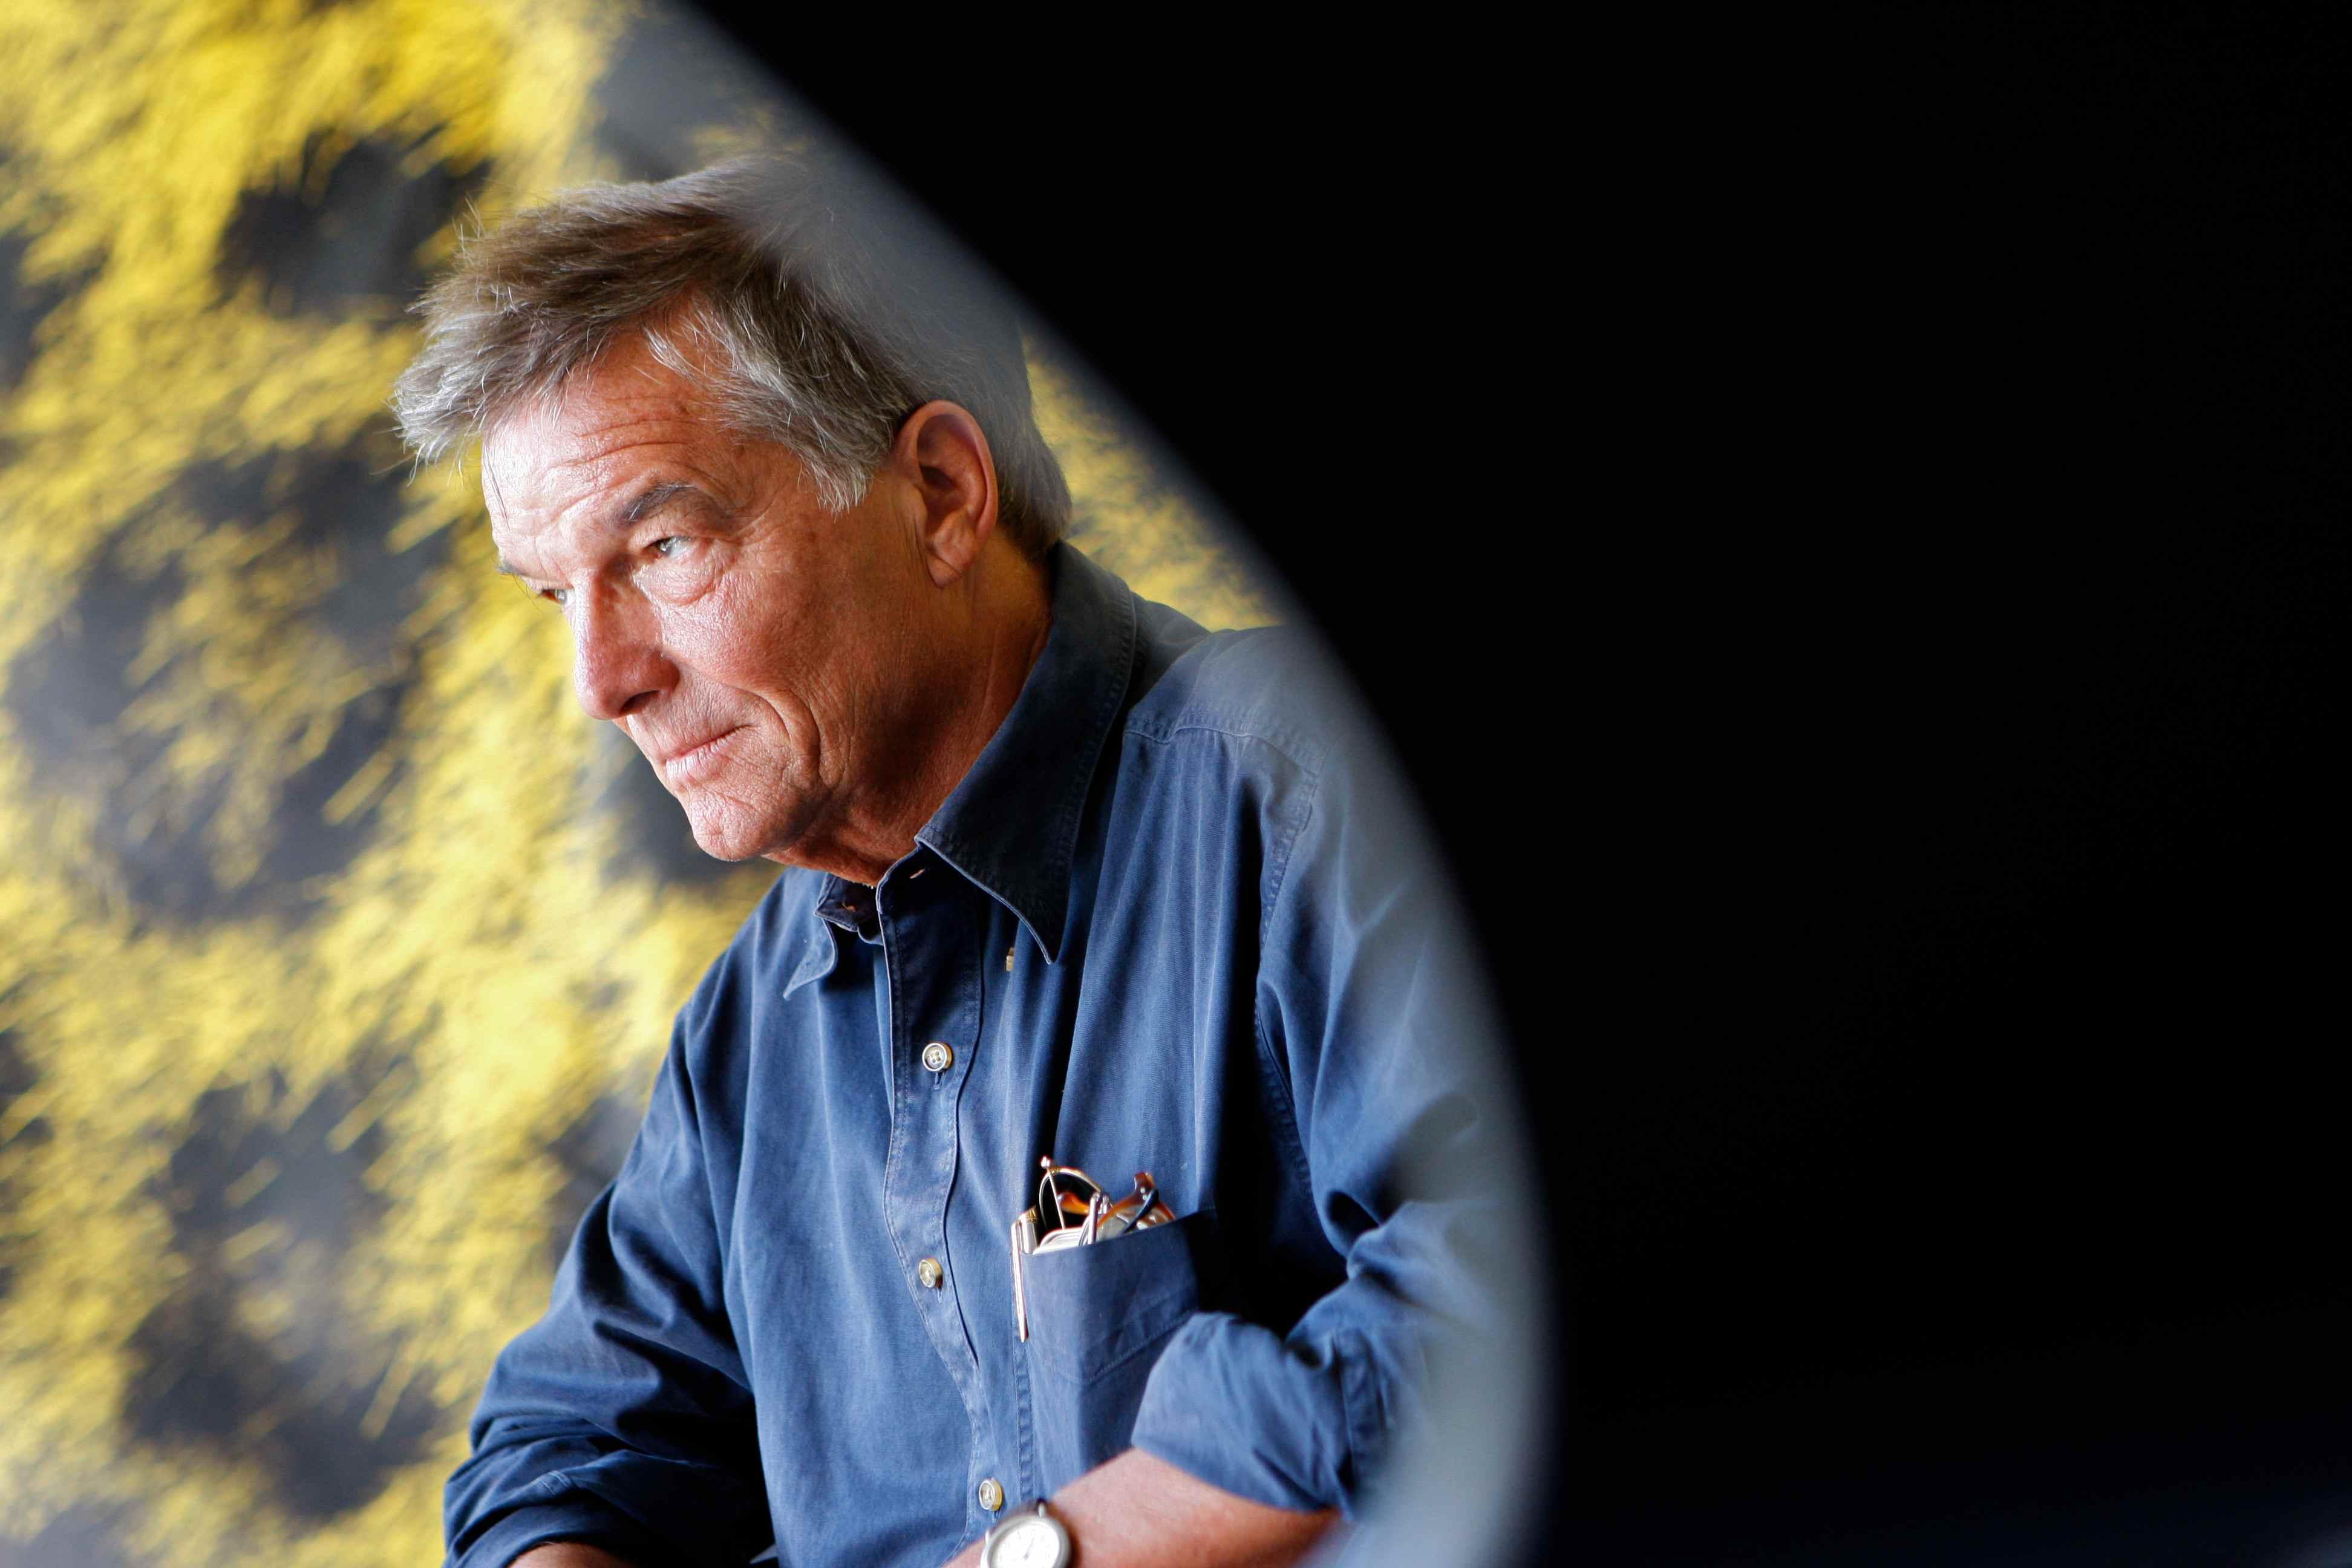 Benoit Jacquot à Locarno en 2010. Présentation Au fond des bois Piazza Grande.